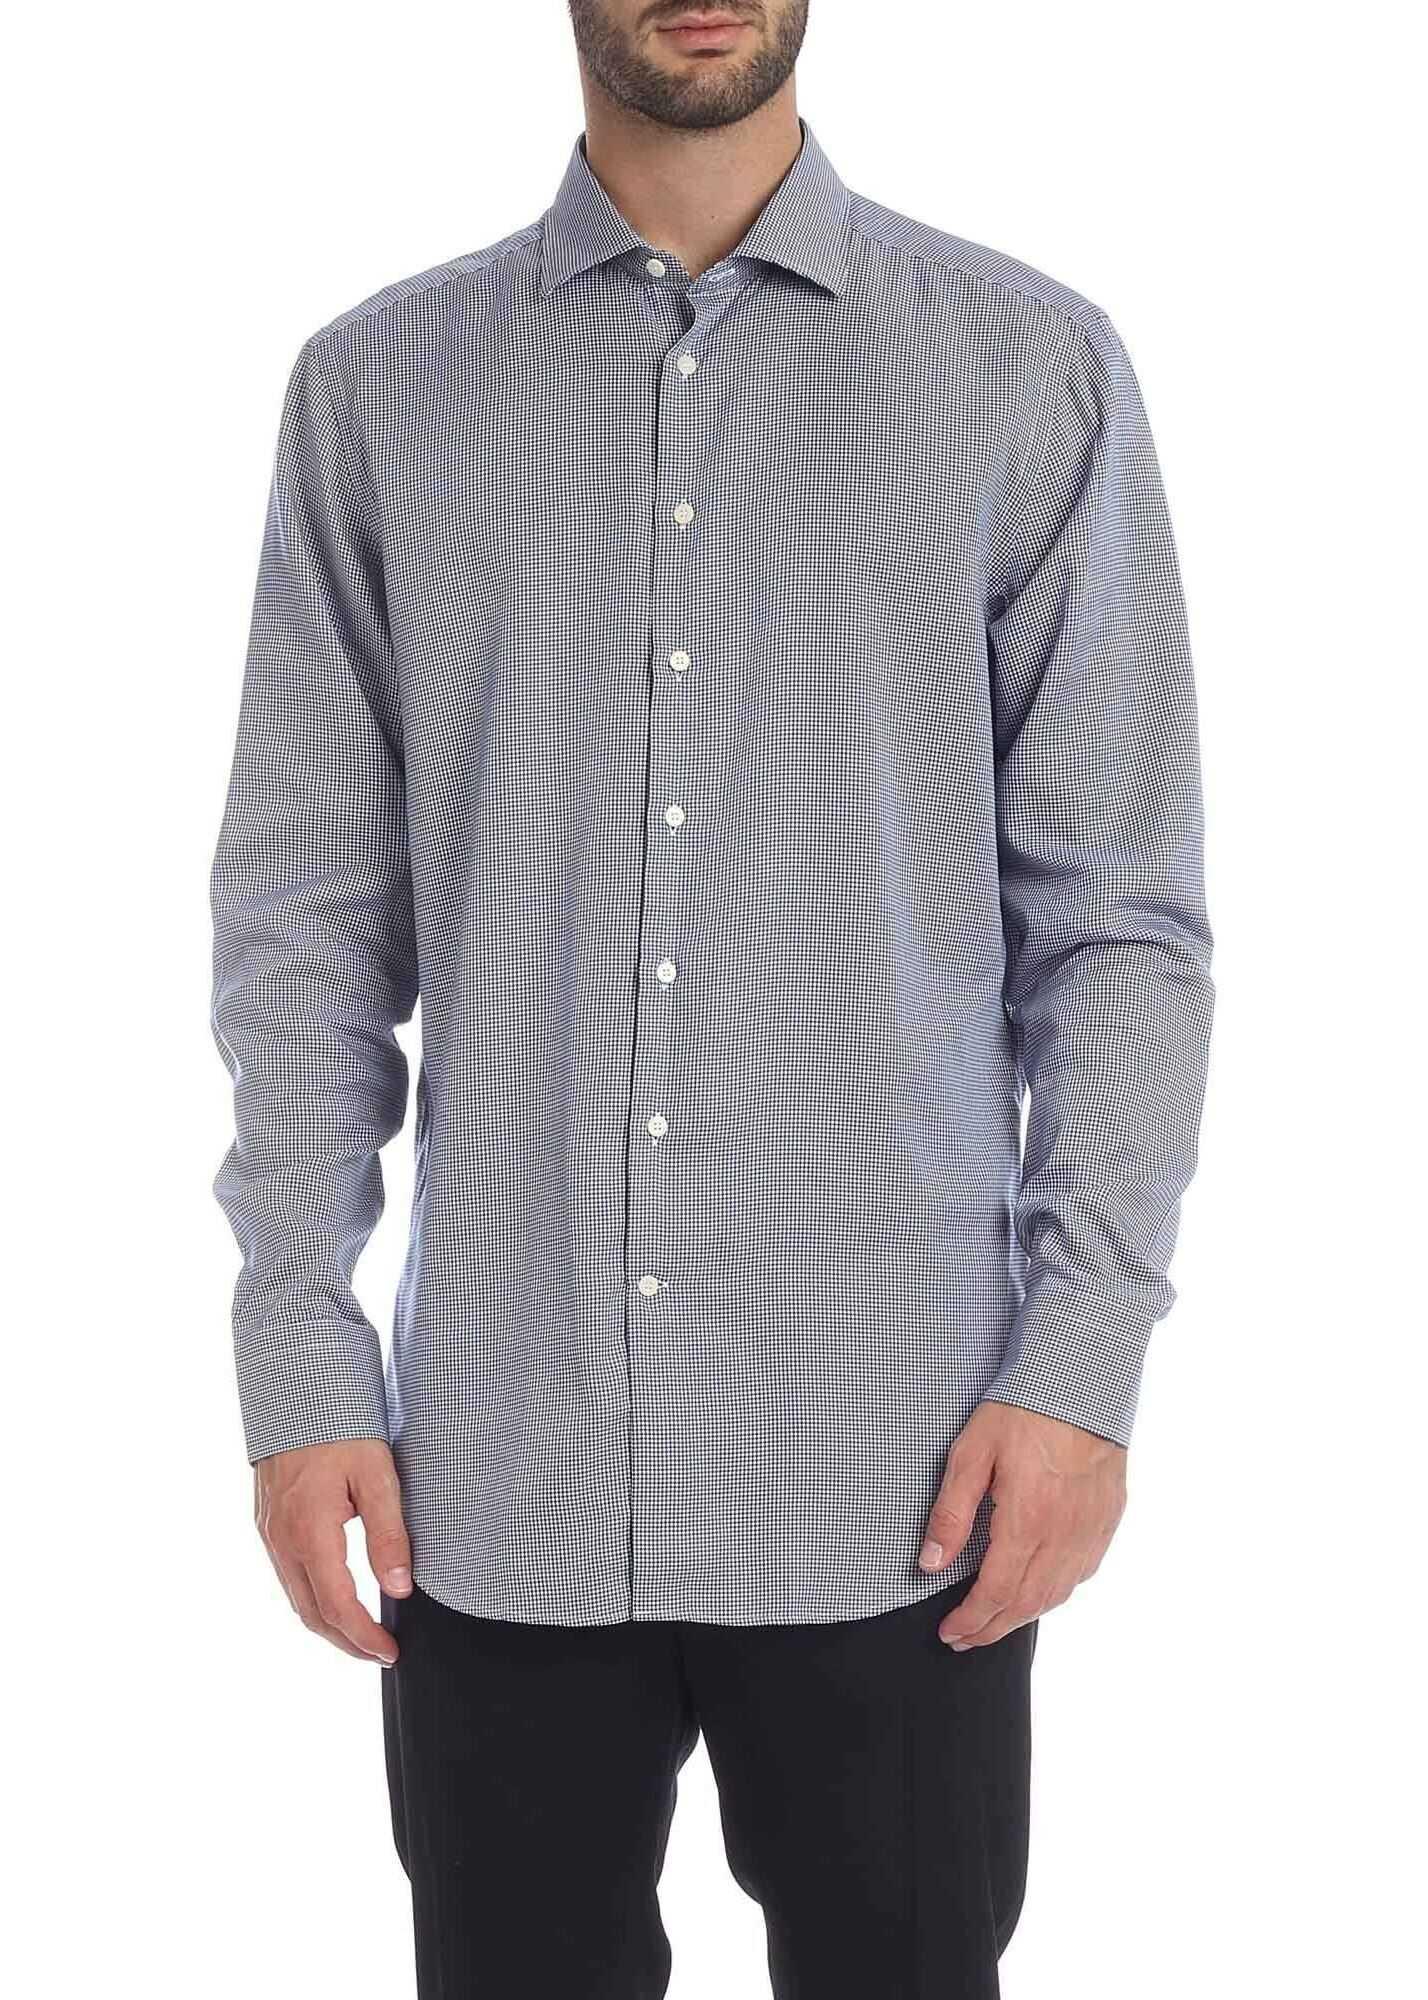 ETRO Pied De Poule Shirt In White And Blue Blue imagine